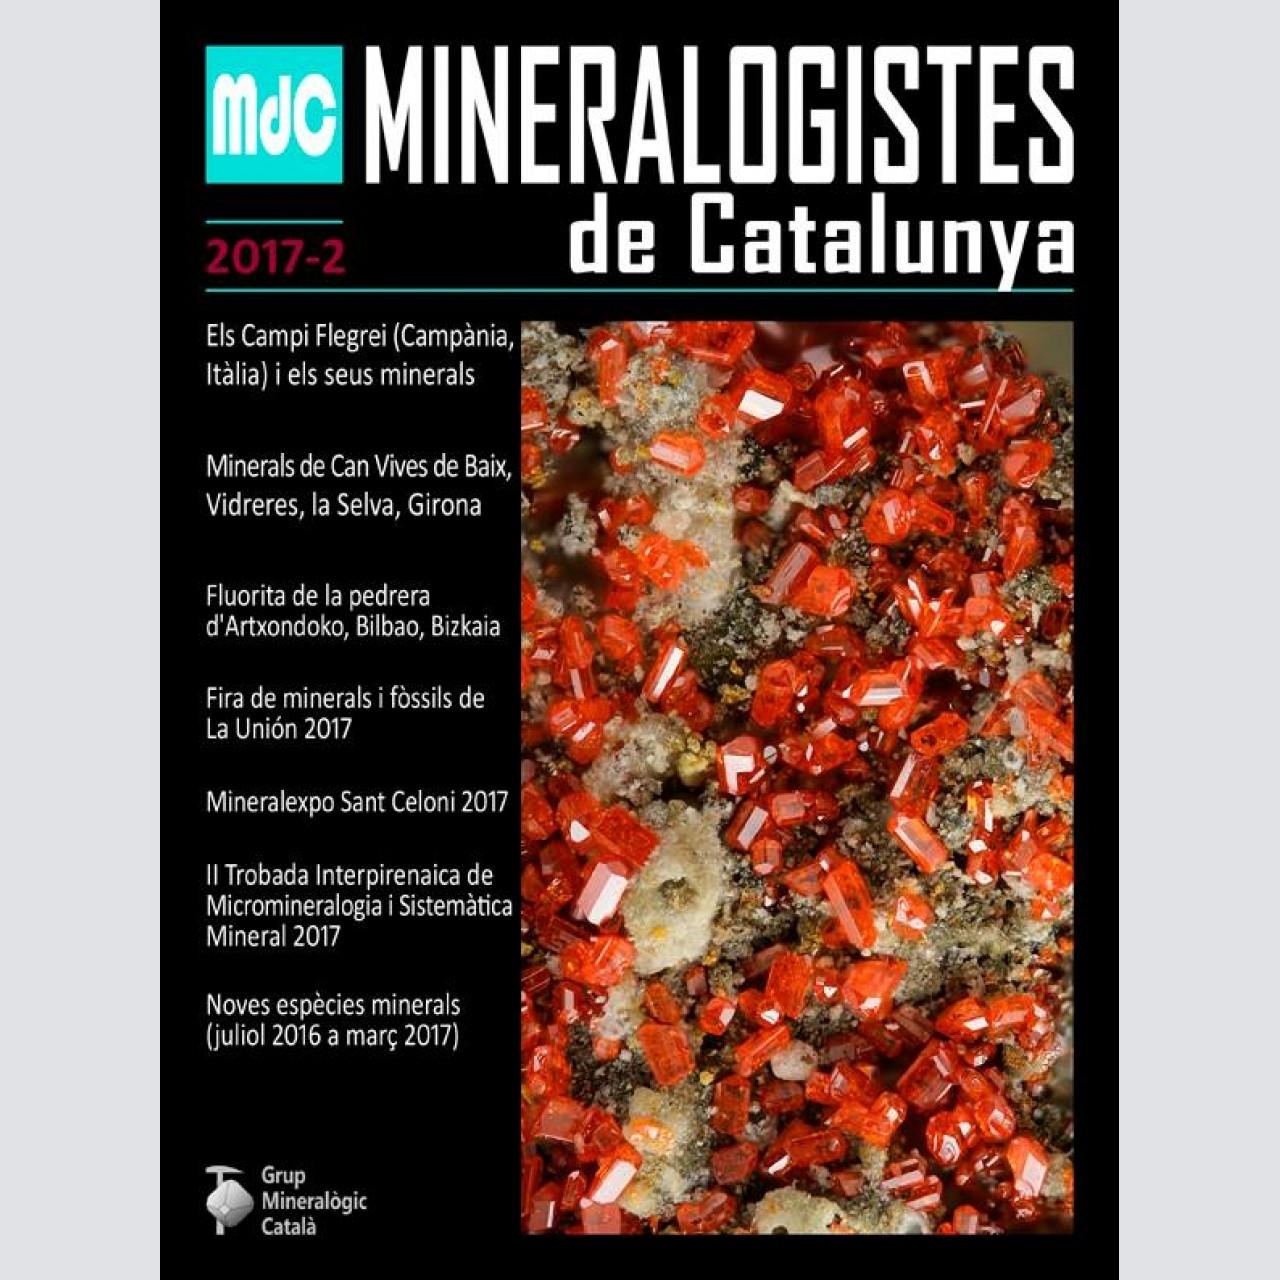 Mineralogistes de Catalunya (2017-2)